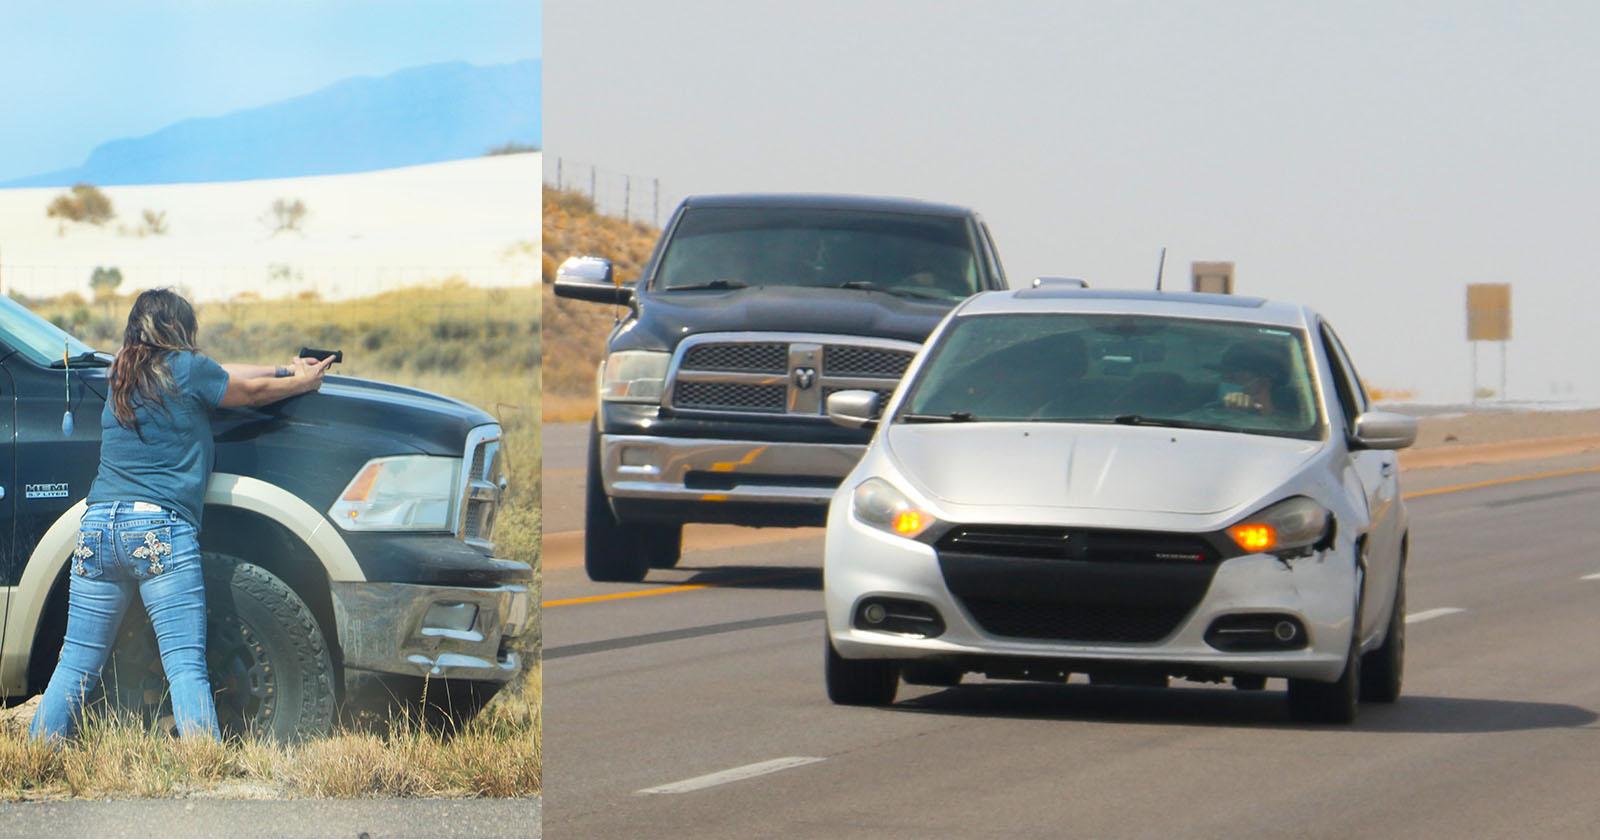 Il fotografo si ritrova a riprendere un inseguimento in auto ad alta velocità